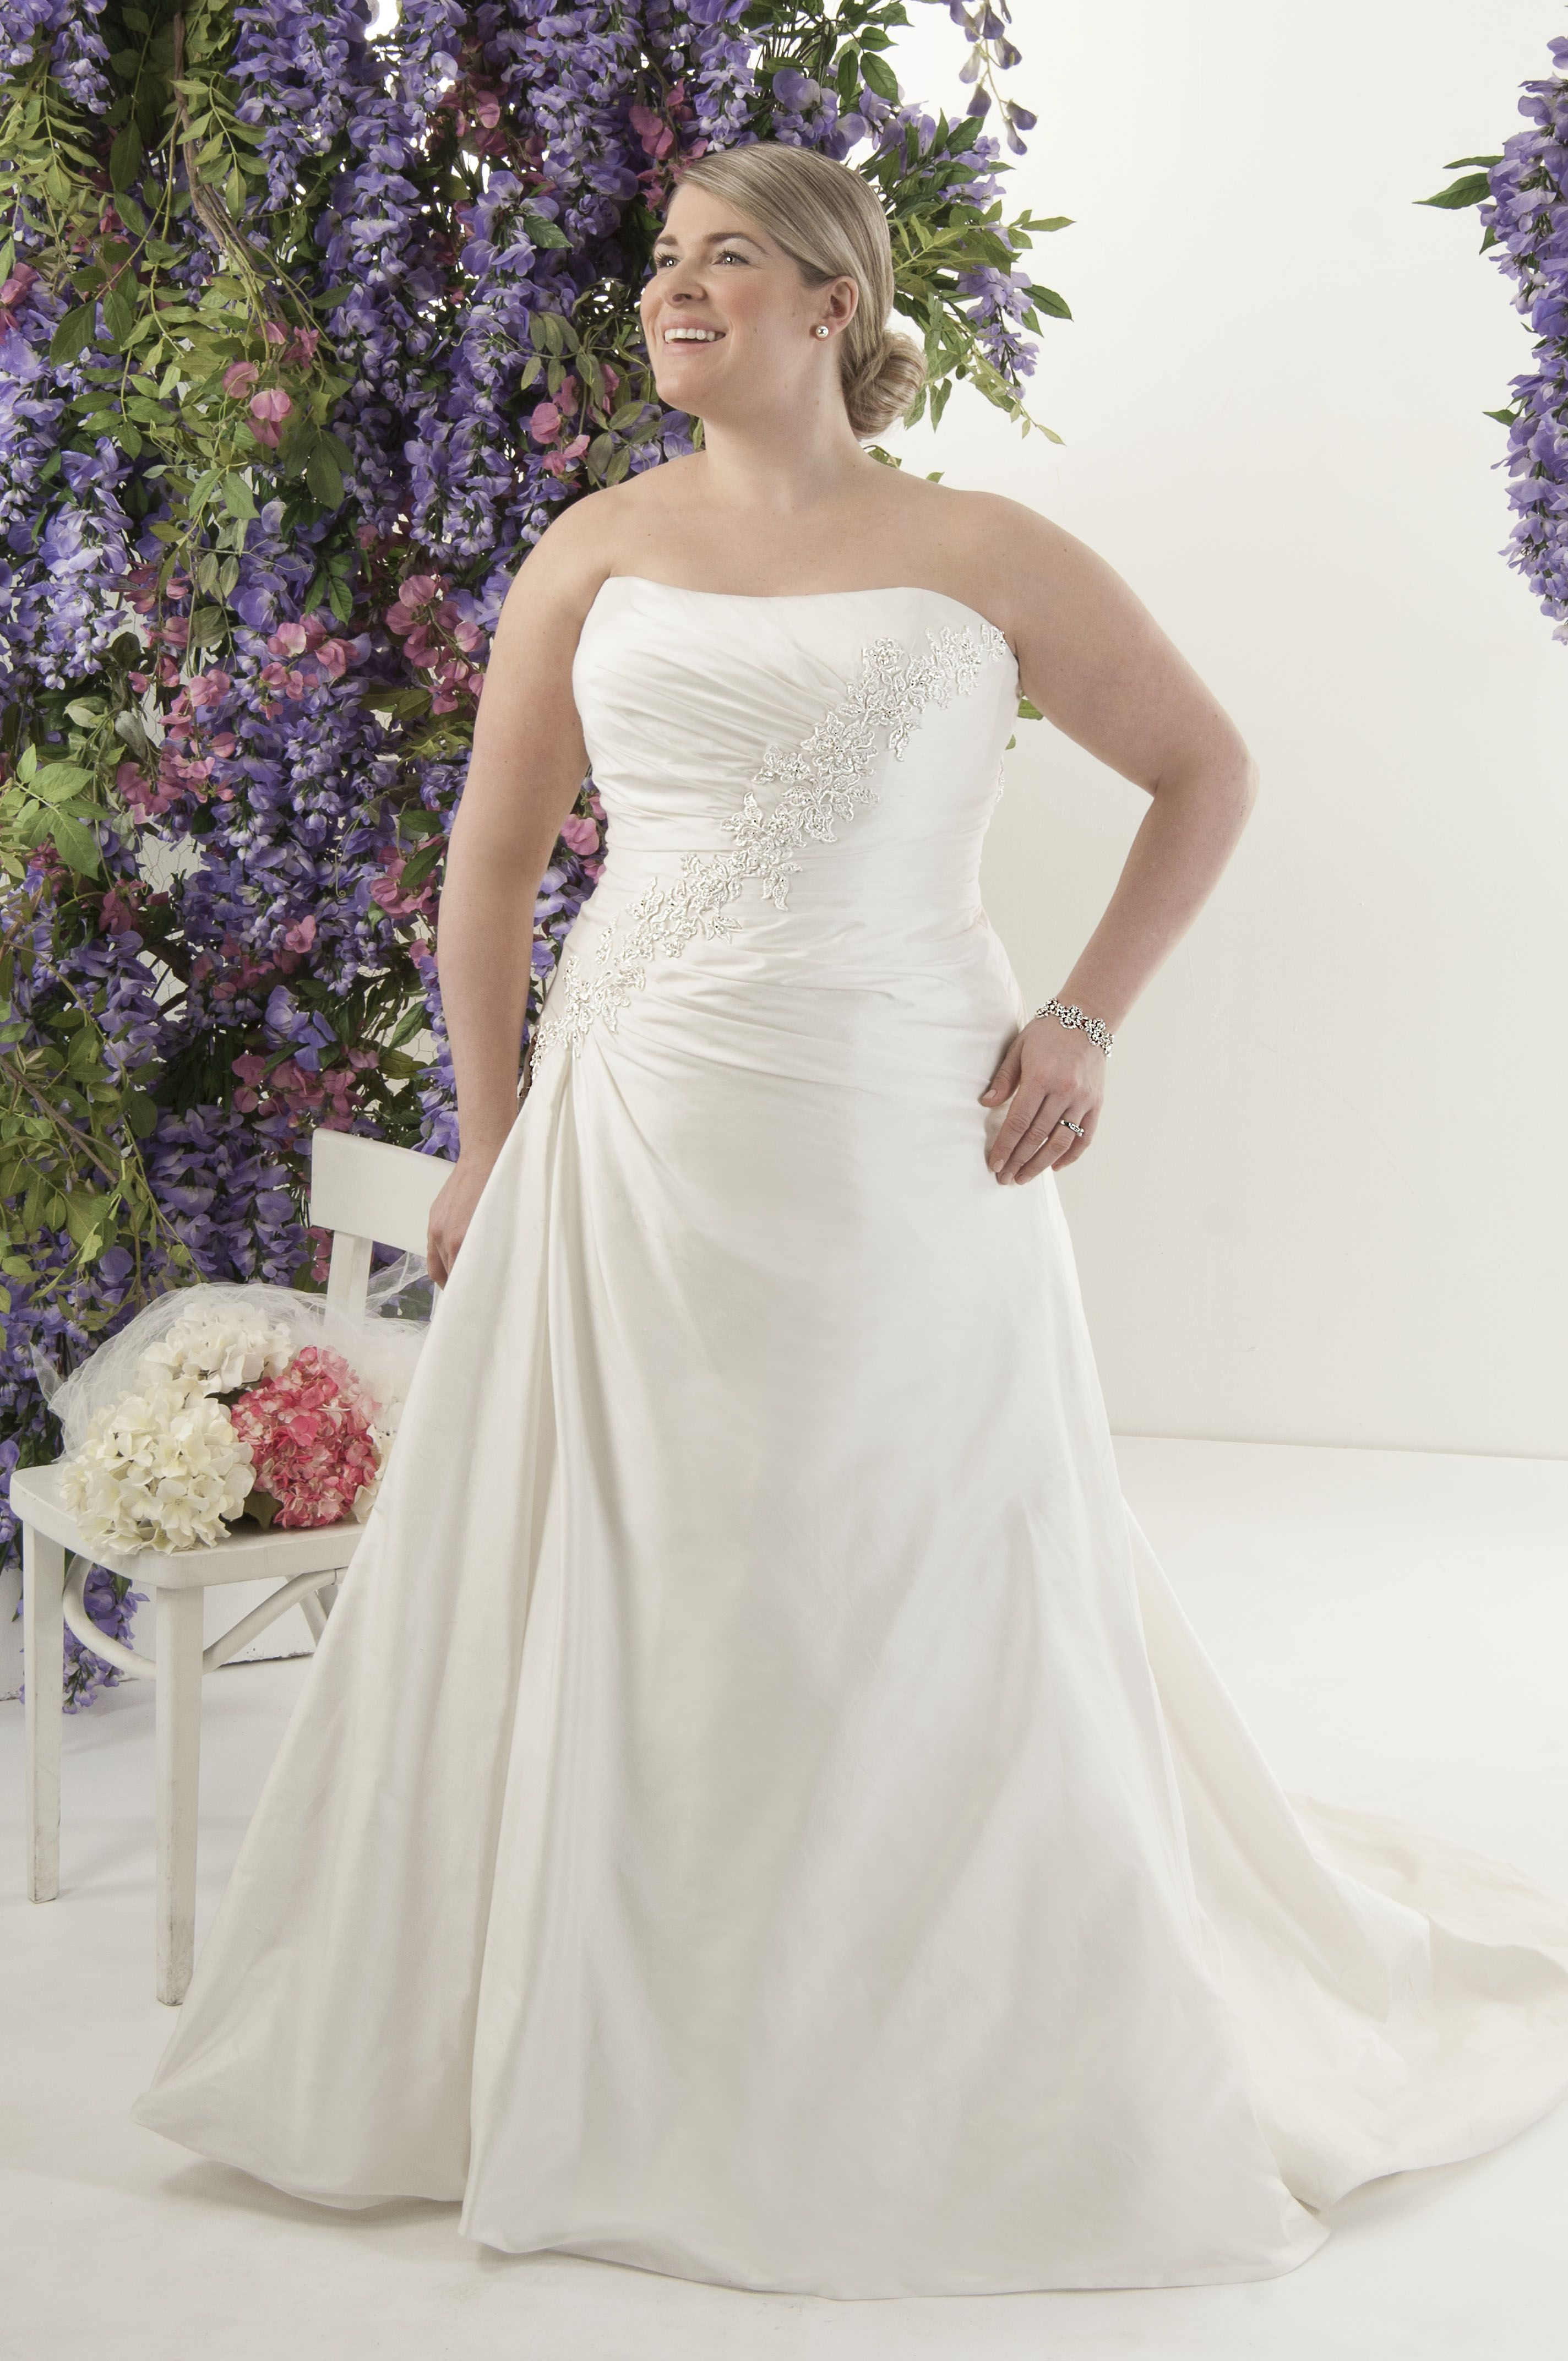 Groß Mantel Arthochzeitskleid Fotos - Brautkleider Ideen - cashingy.info